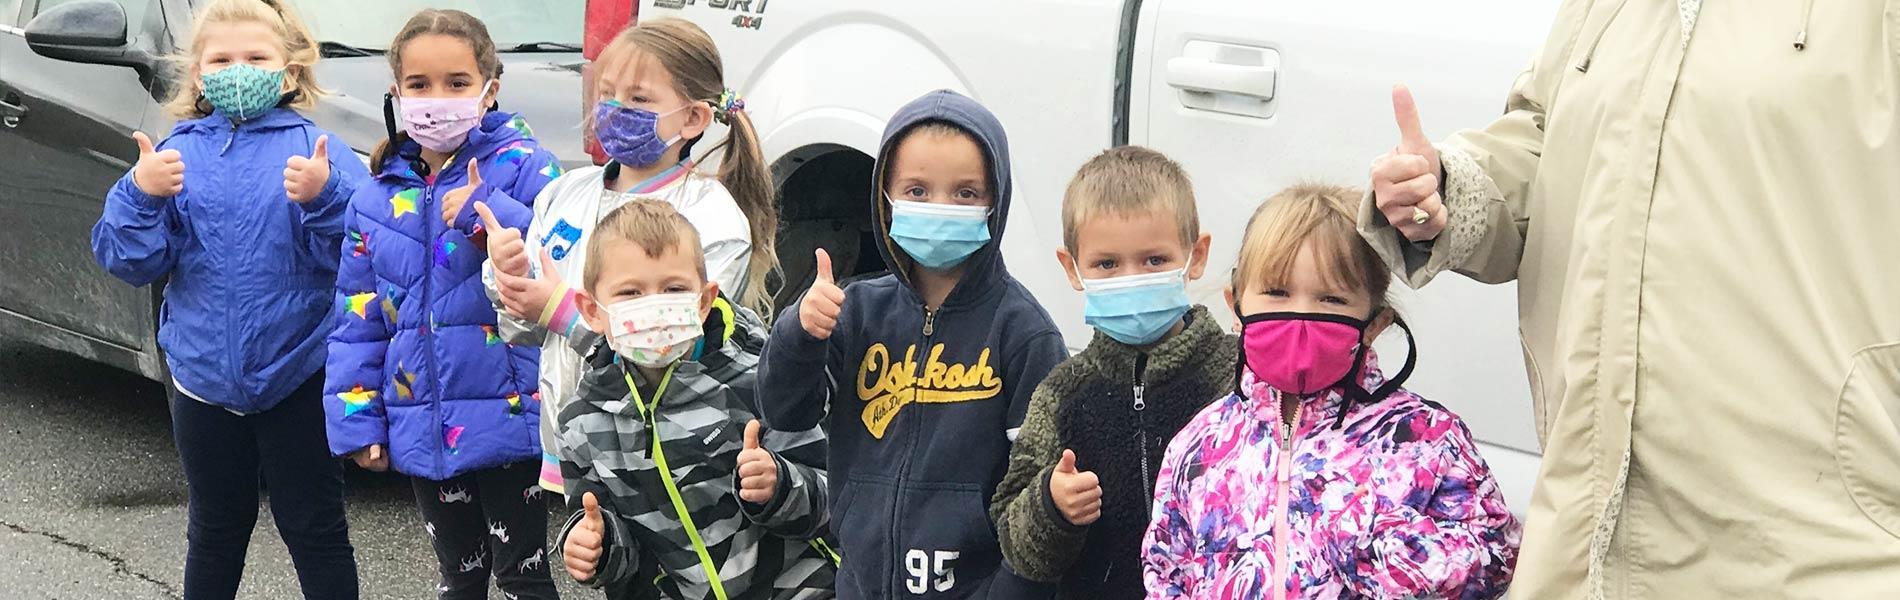 Stewartstown kids in masks